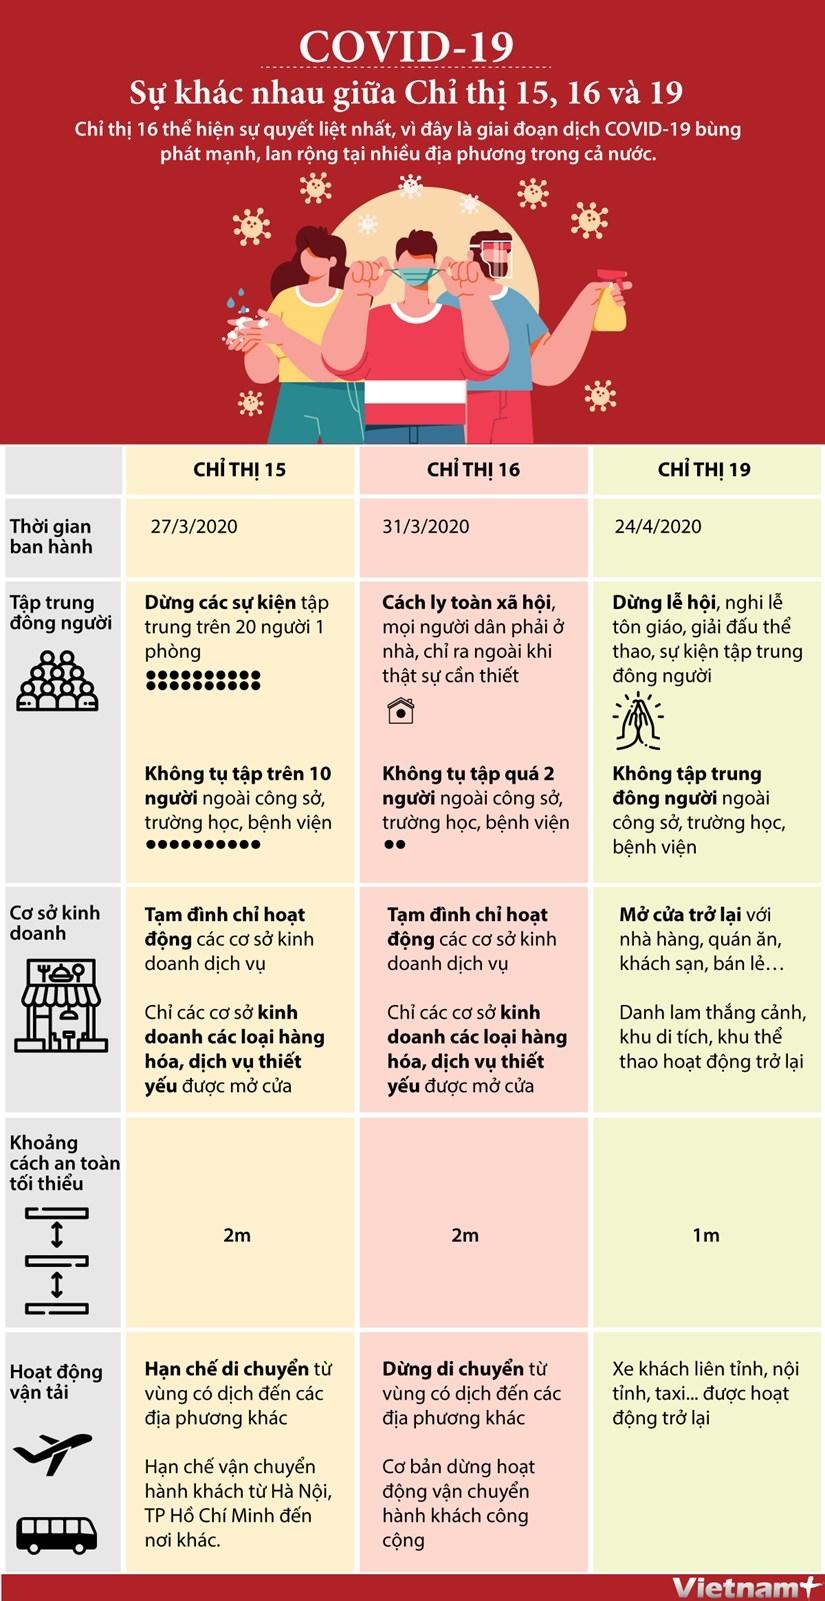 Sự khác nhau giữa Chỉ thị 15, Chỉ thị 16 và Chỉ thị 19